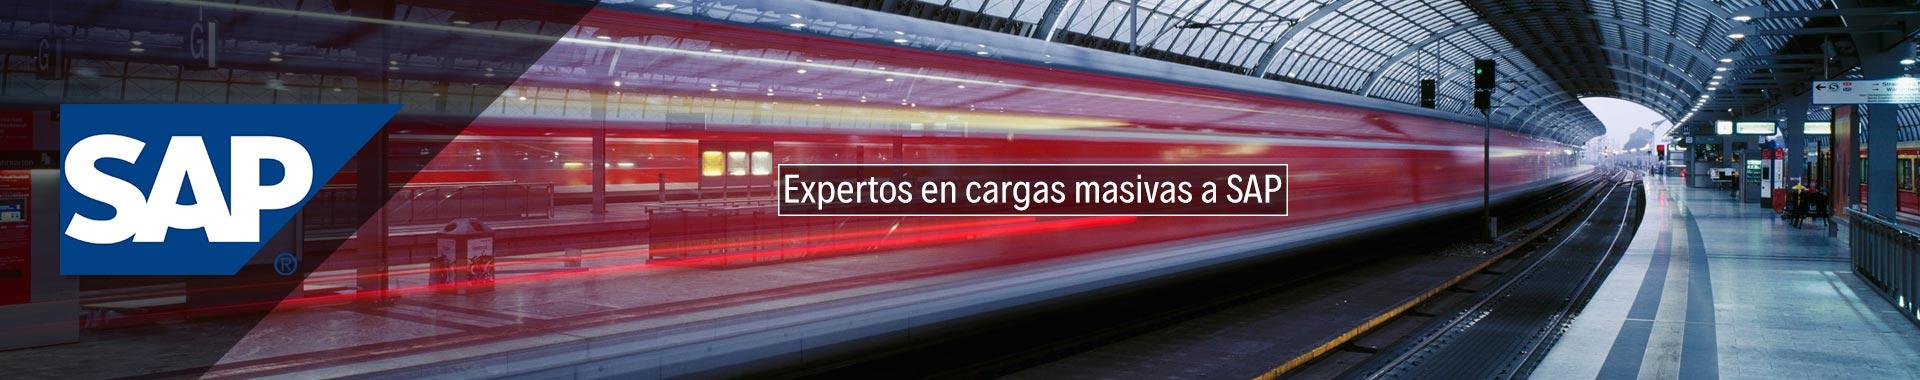 Macros Excel Chile – Especialistas en macros de alta complejidad